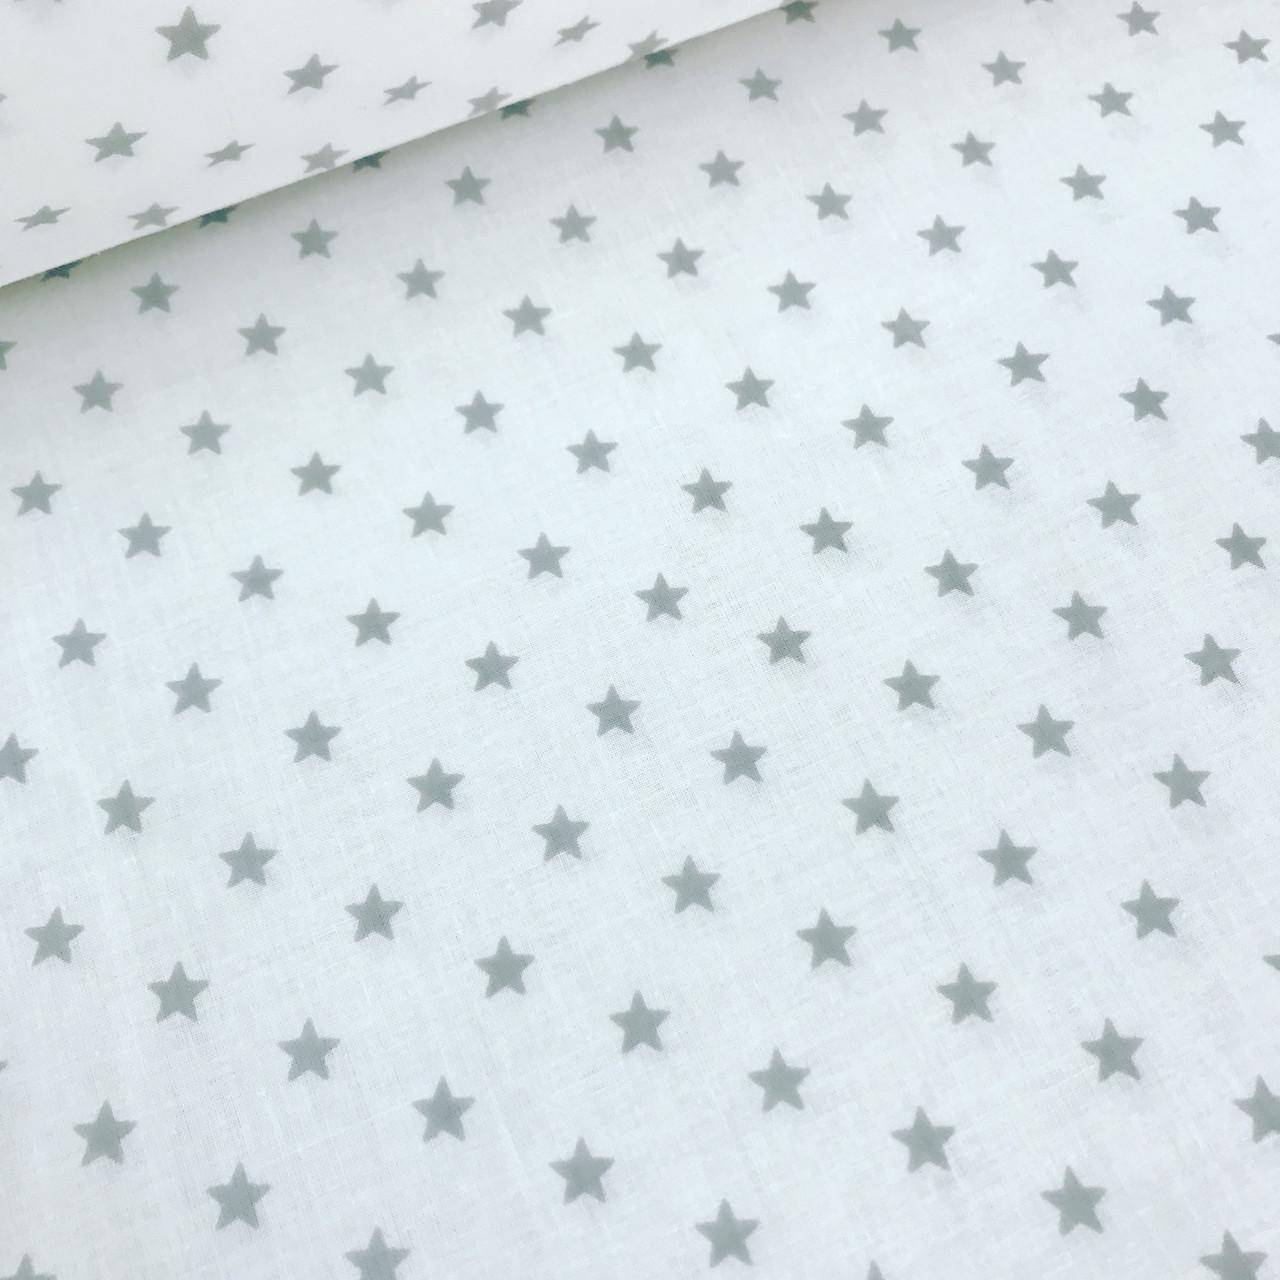 Хлопковая ткань польская серые мелкие звезды 10 мм (1см) на белом